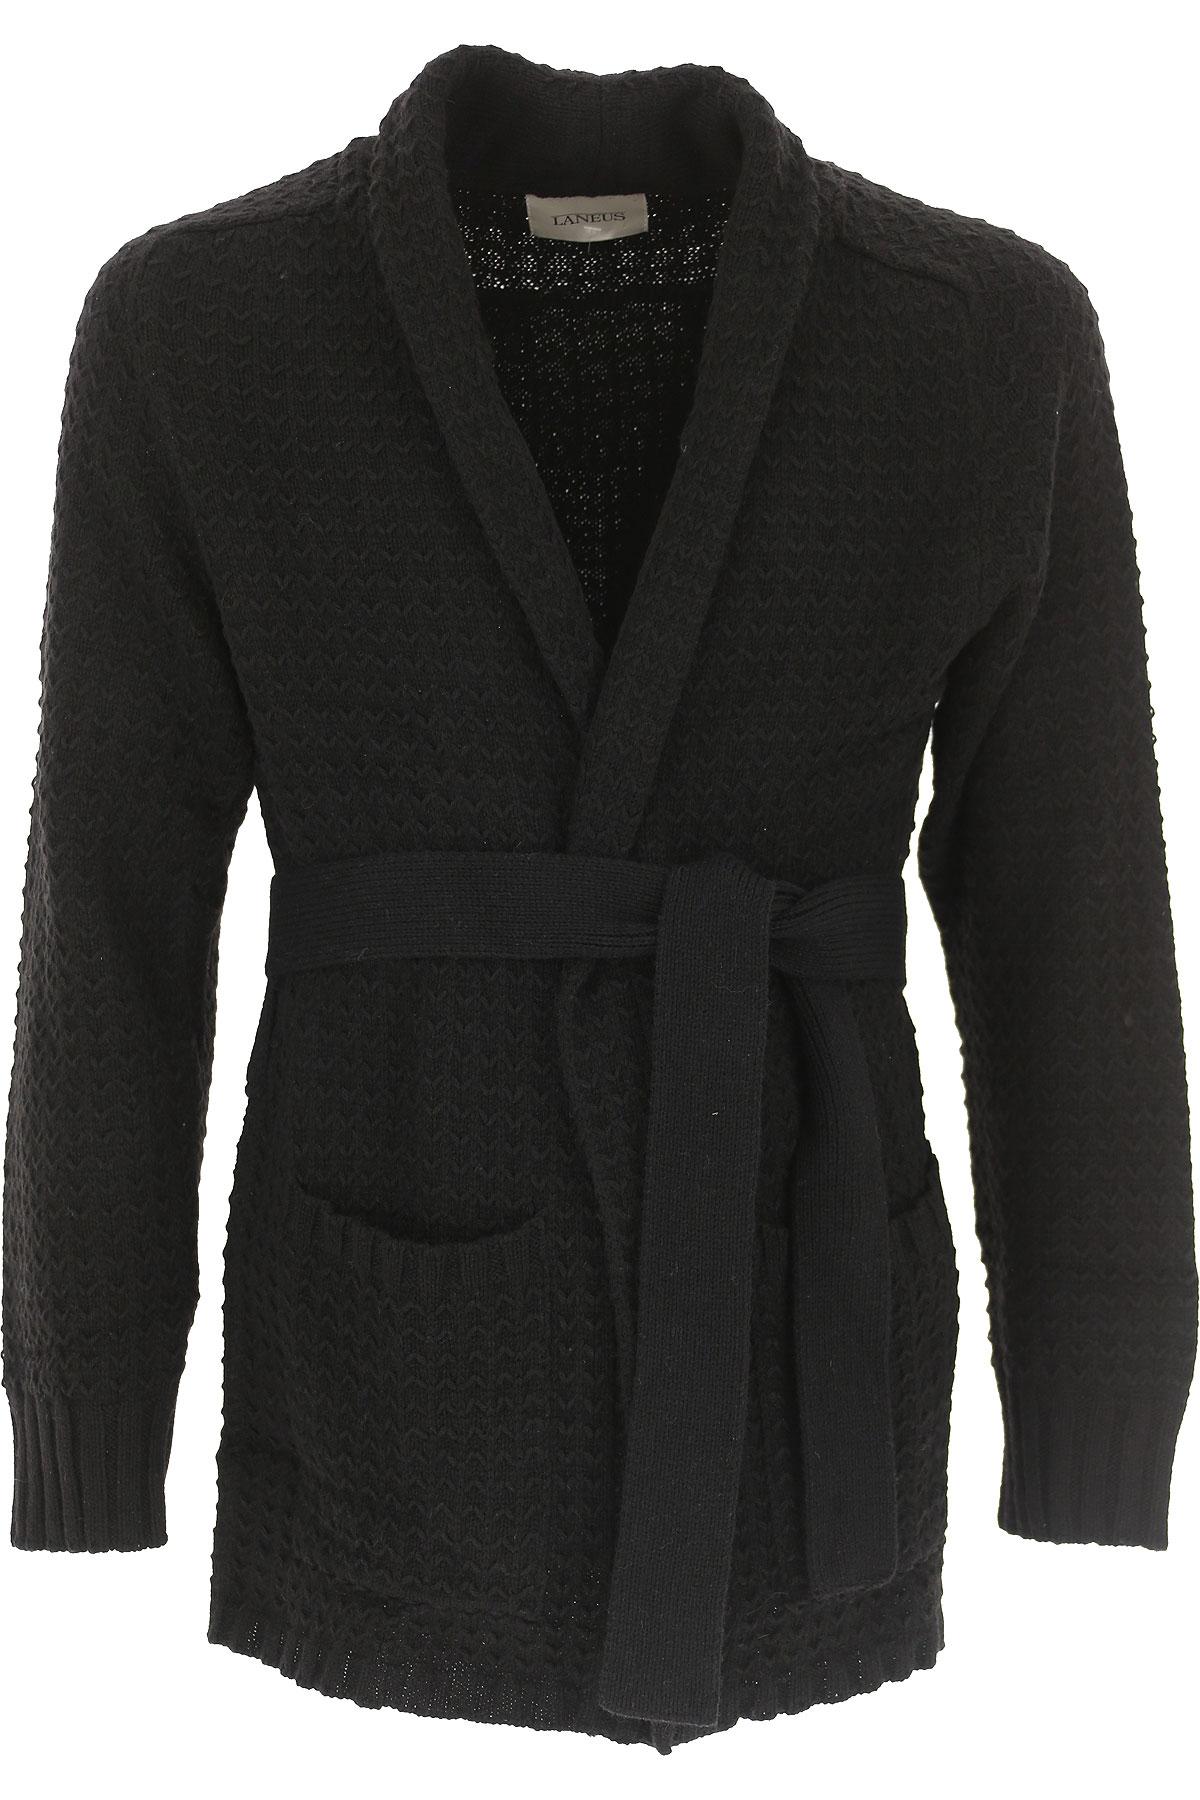 Image of Laneus Sweater for Men Jumper, Black, alpaca, 2017, M S XL